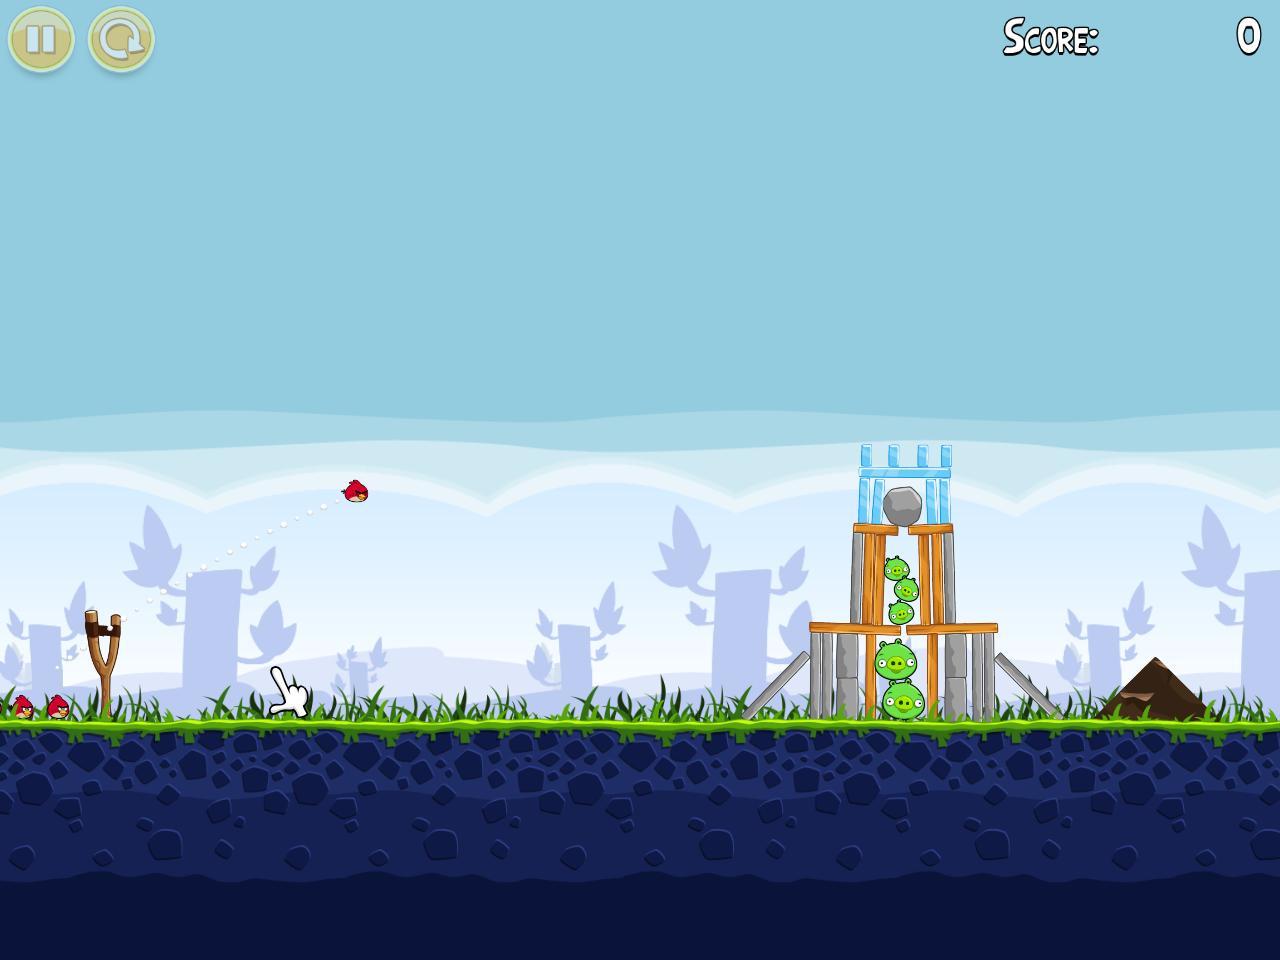 Скриншот игры Angry Birds (2.0) .